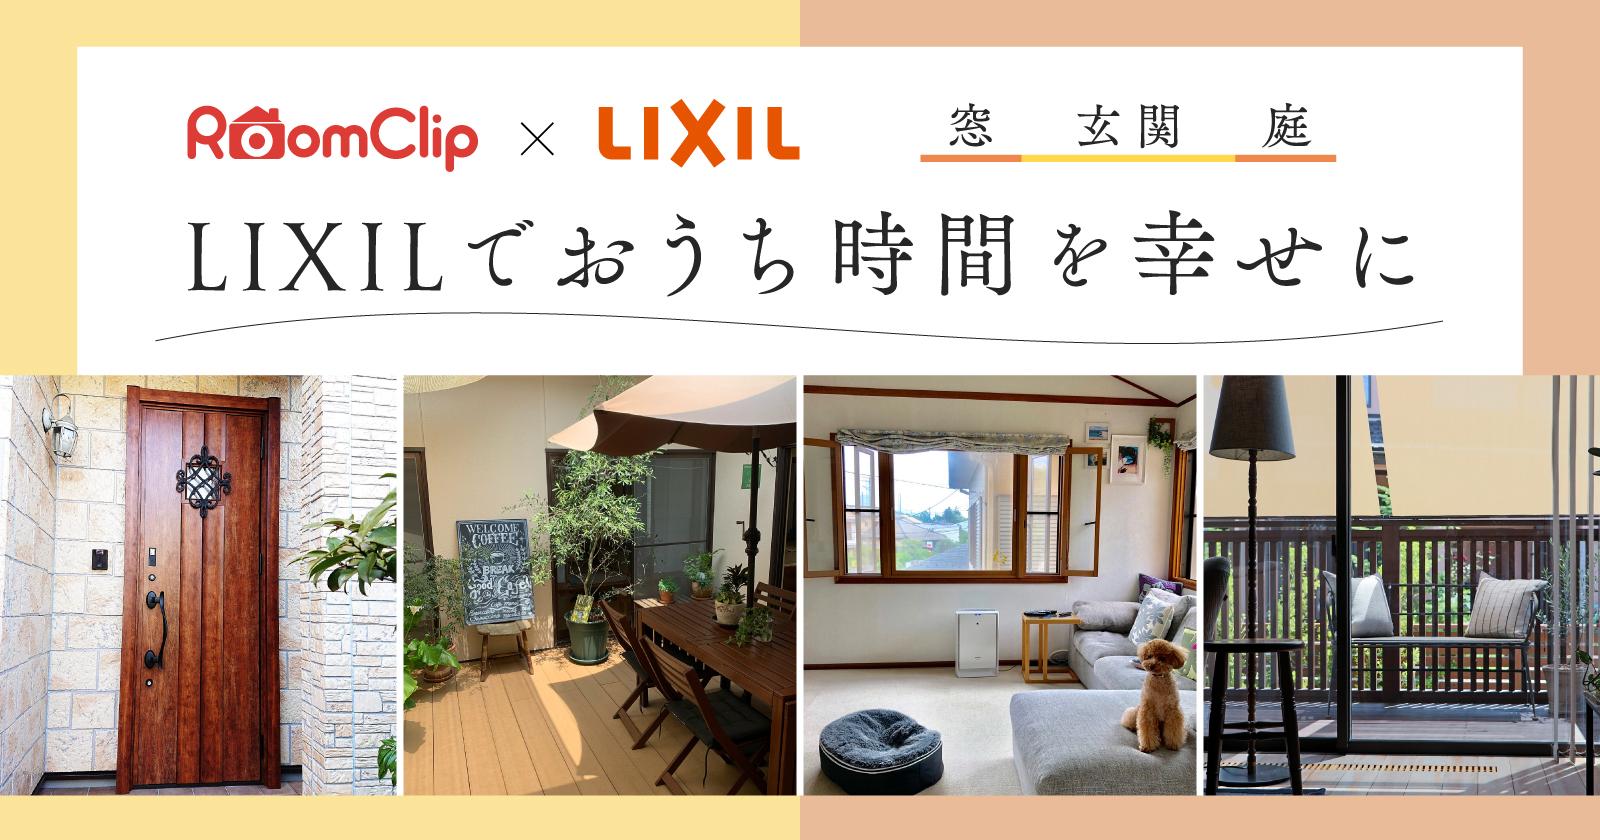 RoomClip × LIXIL お家時間を幸せに フォトコンテスト開催中!